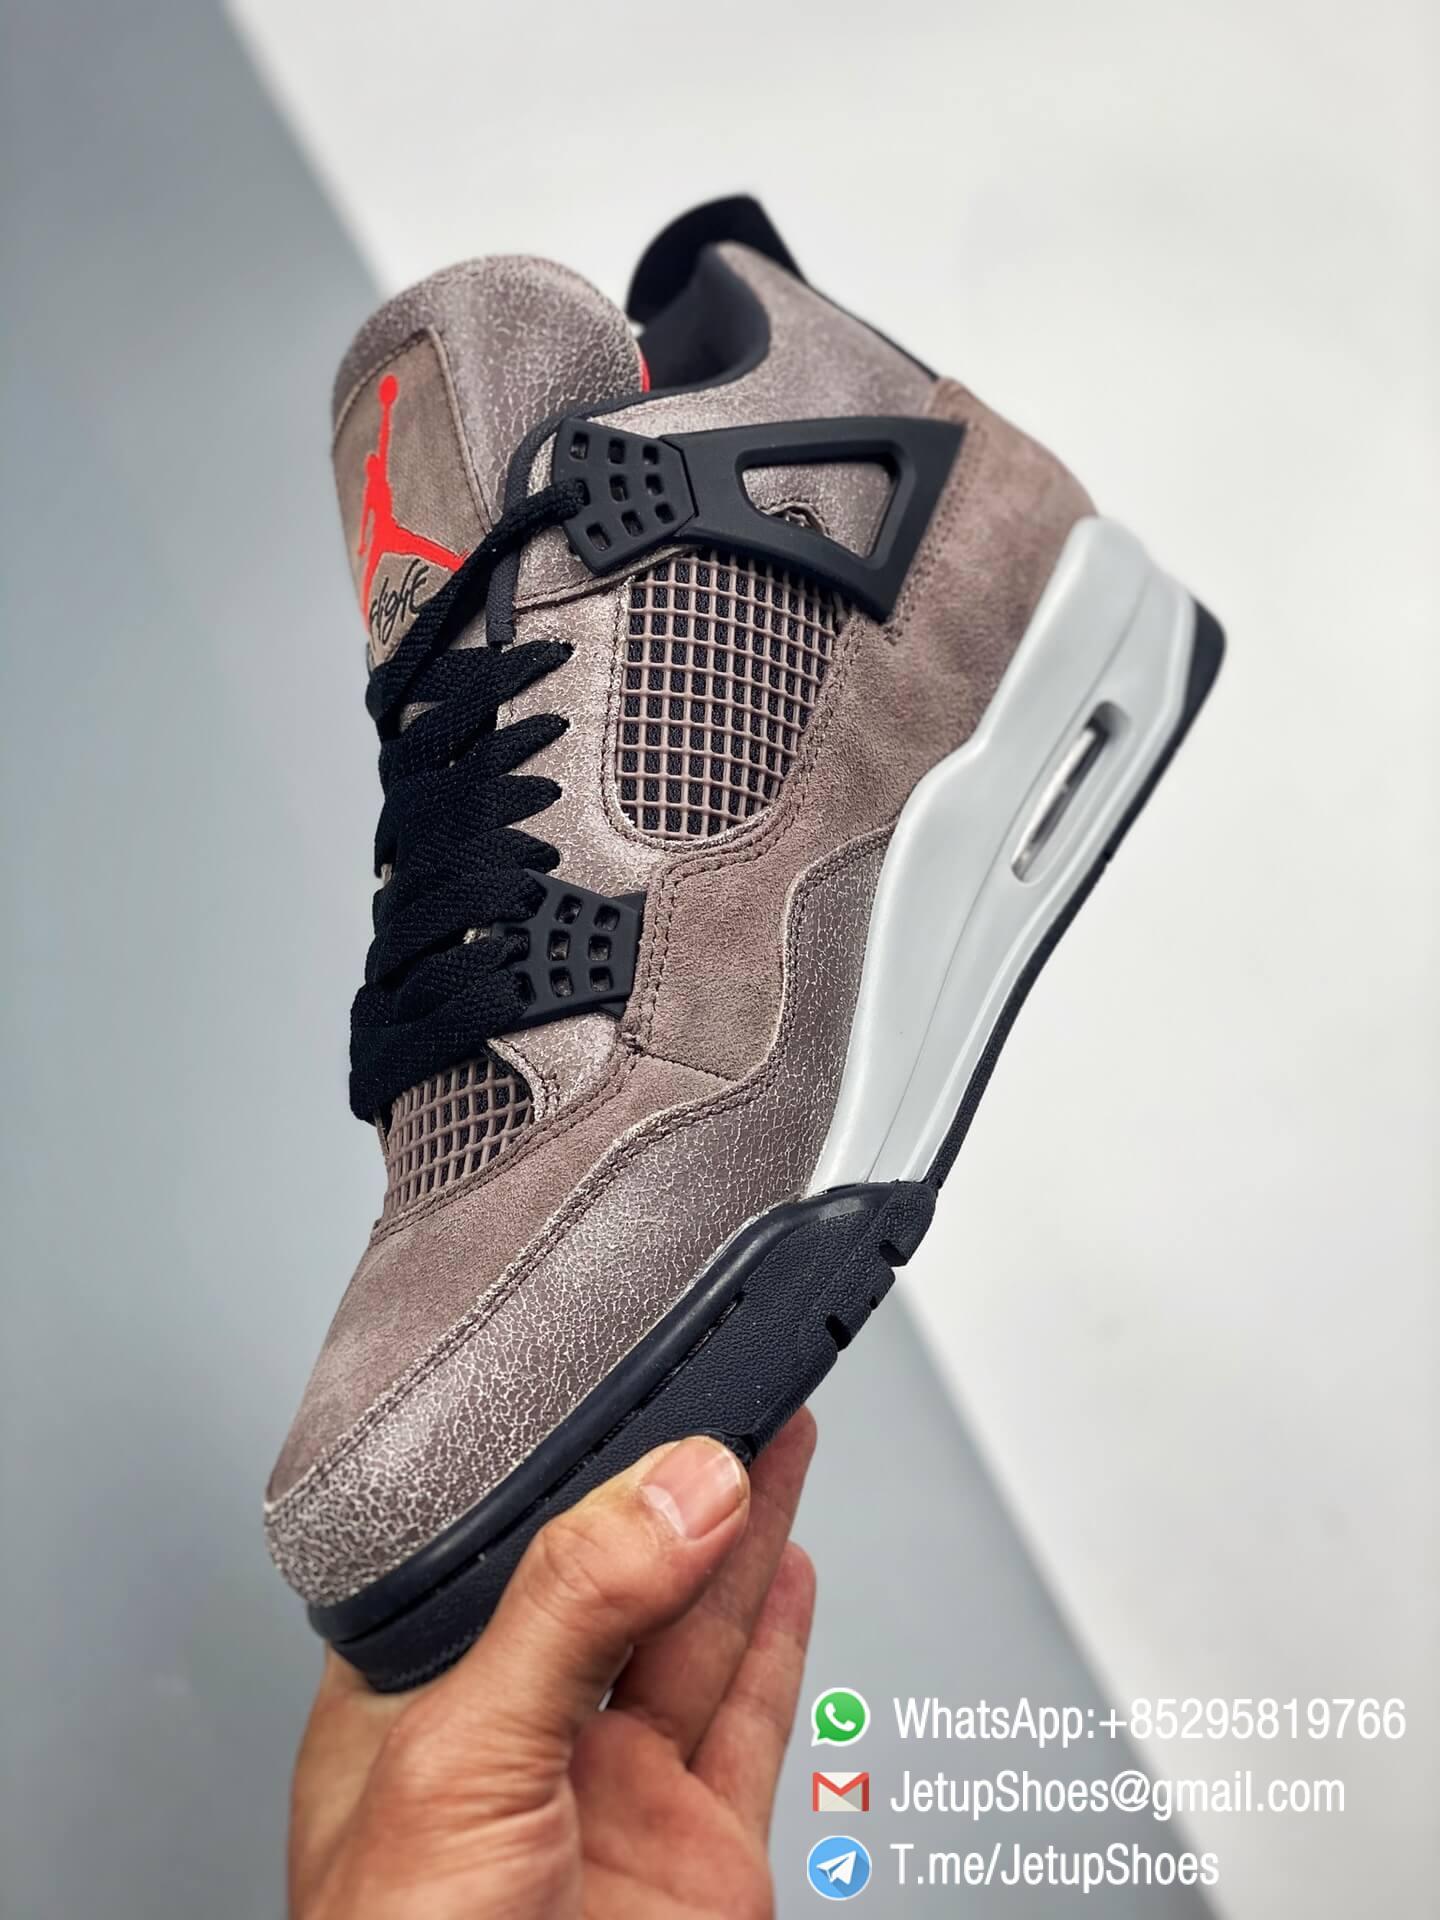 Repsneakers Air Jordan 4 Retro Taupe Haze DB0732 200 Best Replica Sneakers 03